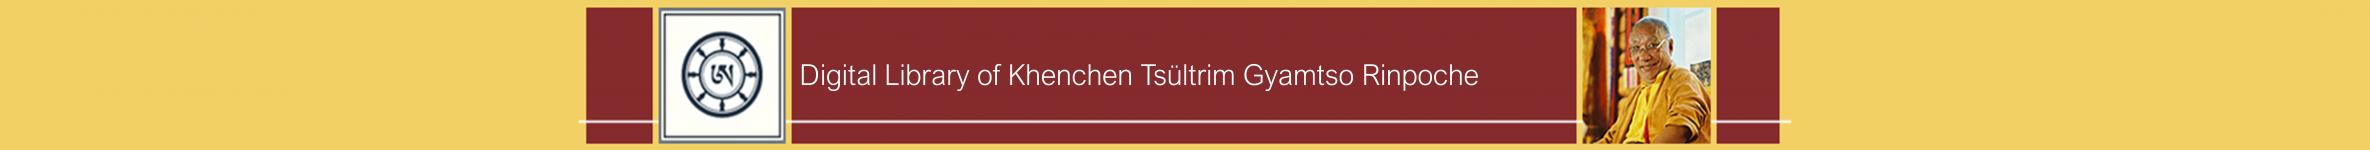 Logo of Digital Library of Khenchen Tsültrim Gyamtso Rinpoche